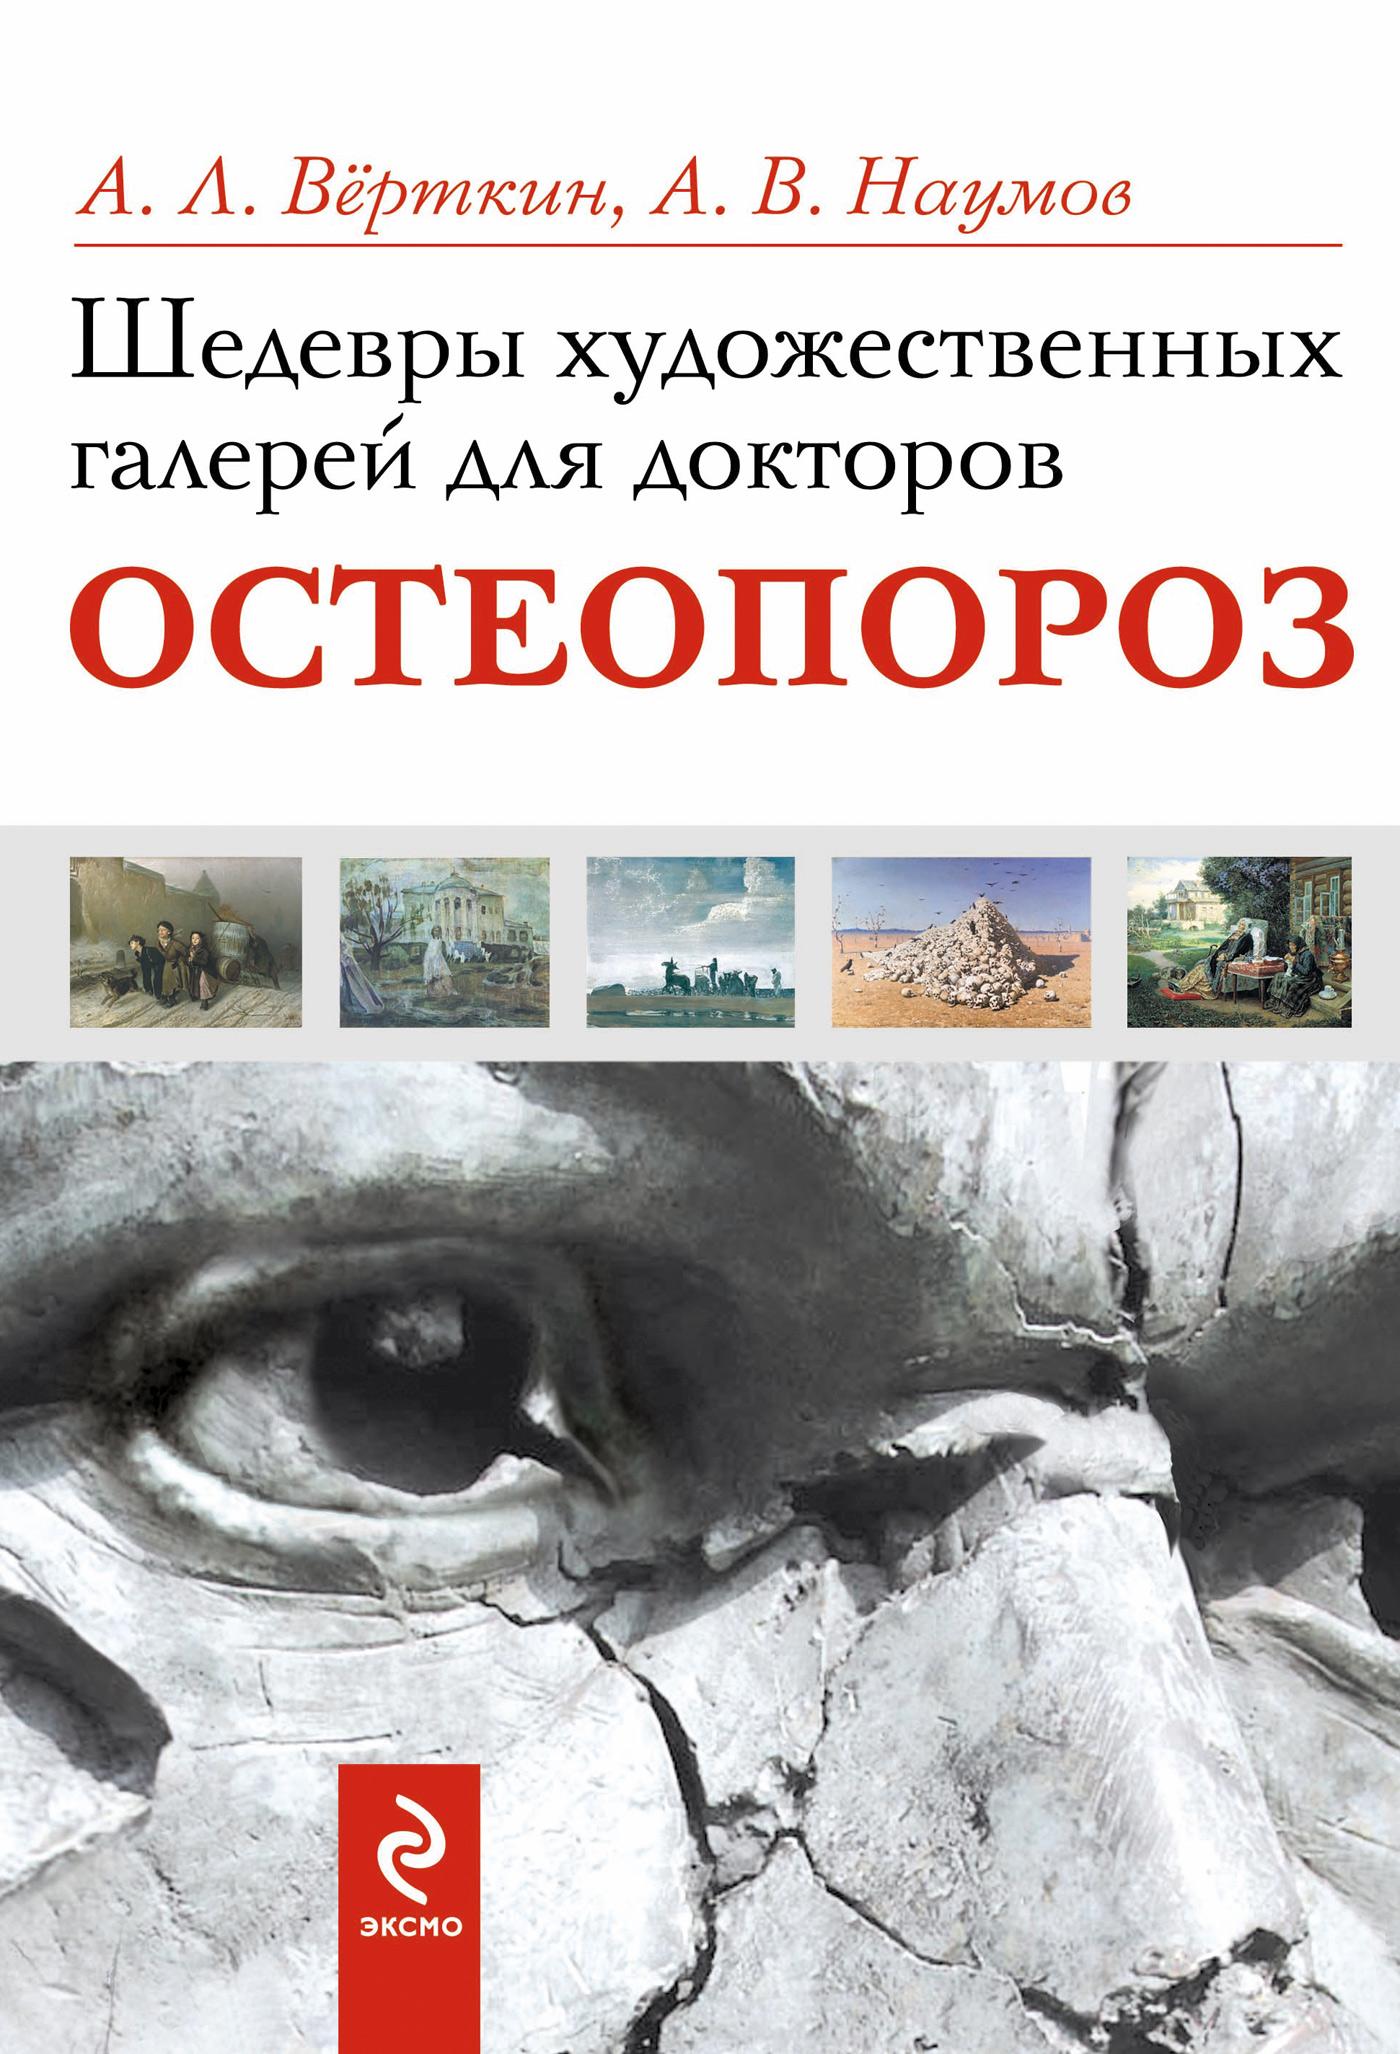 Фото - Аркадий Верткин Шедевры художественных галерей для докторов. Остеопороз а л вёрткин шедевры художественных галерей для докторов остеопороз